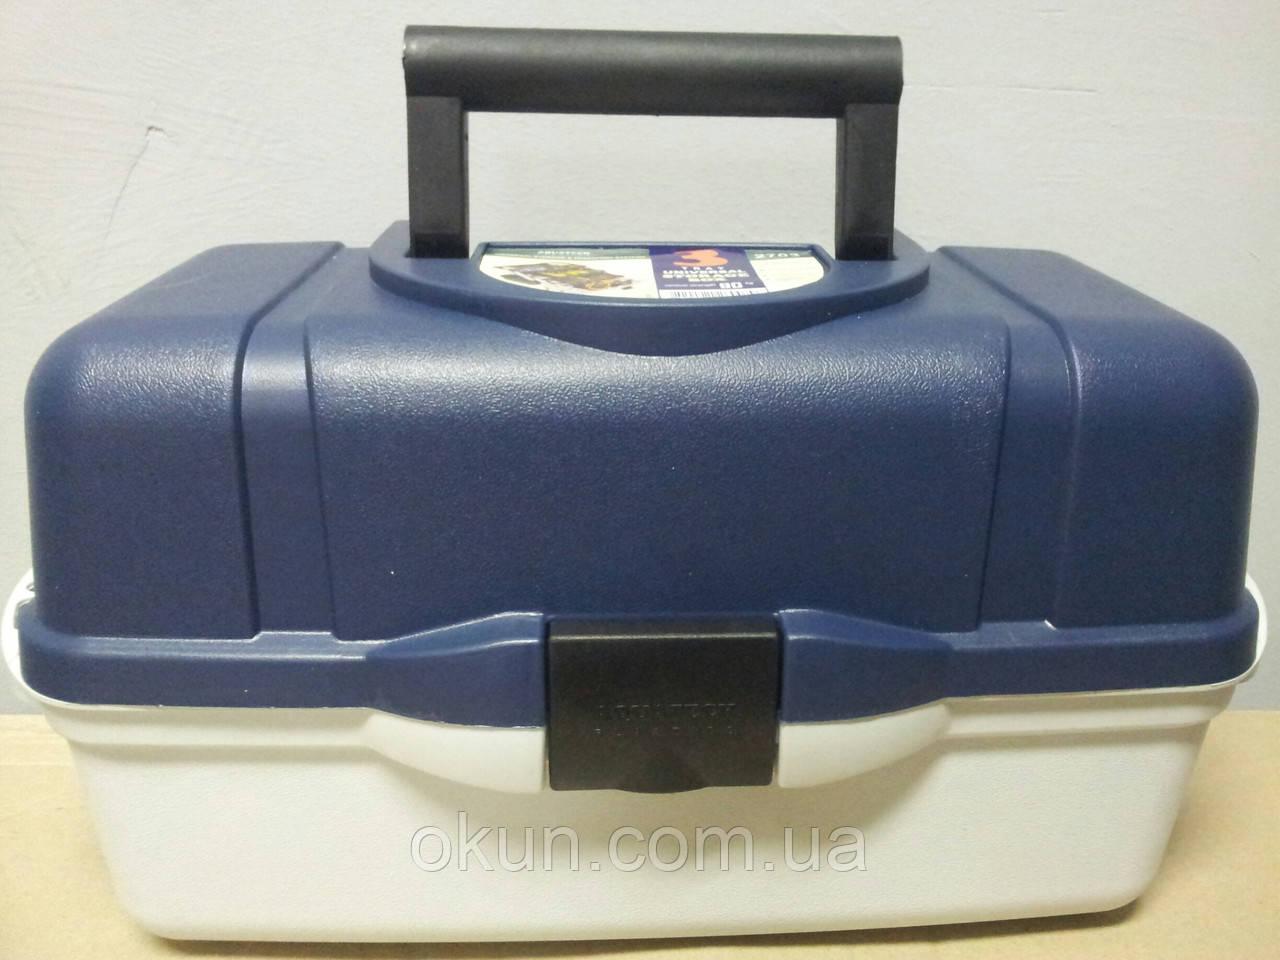 Ящик универсальный пластиковый на 3 полки Акватек пластикс